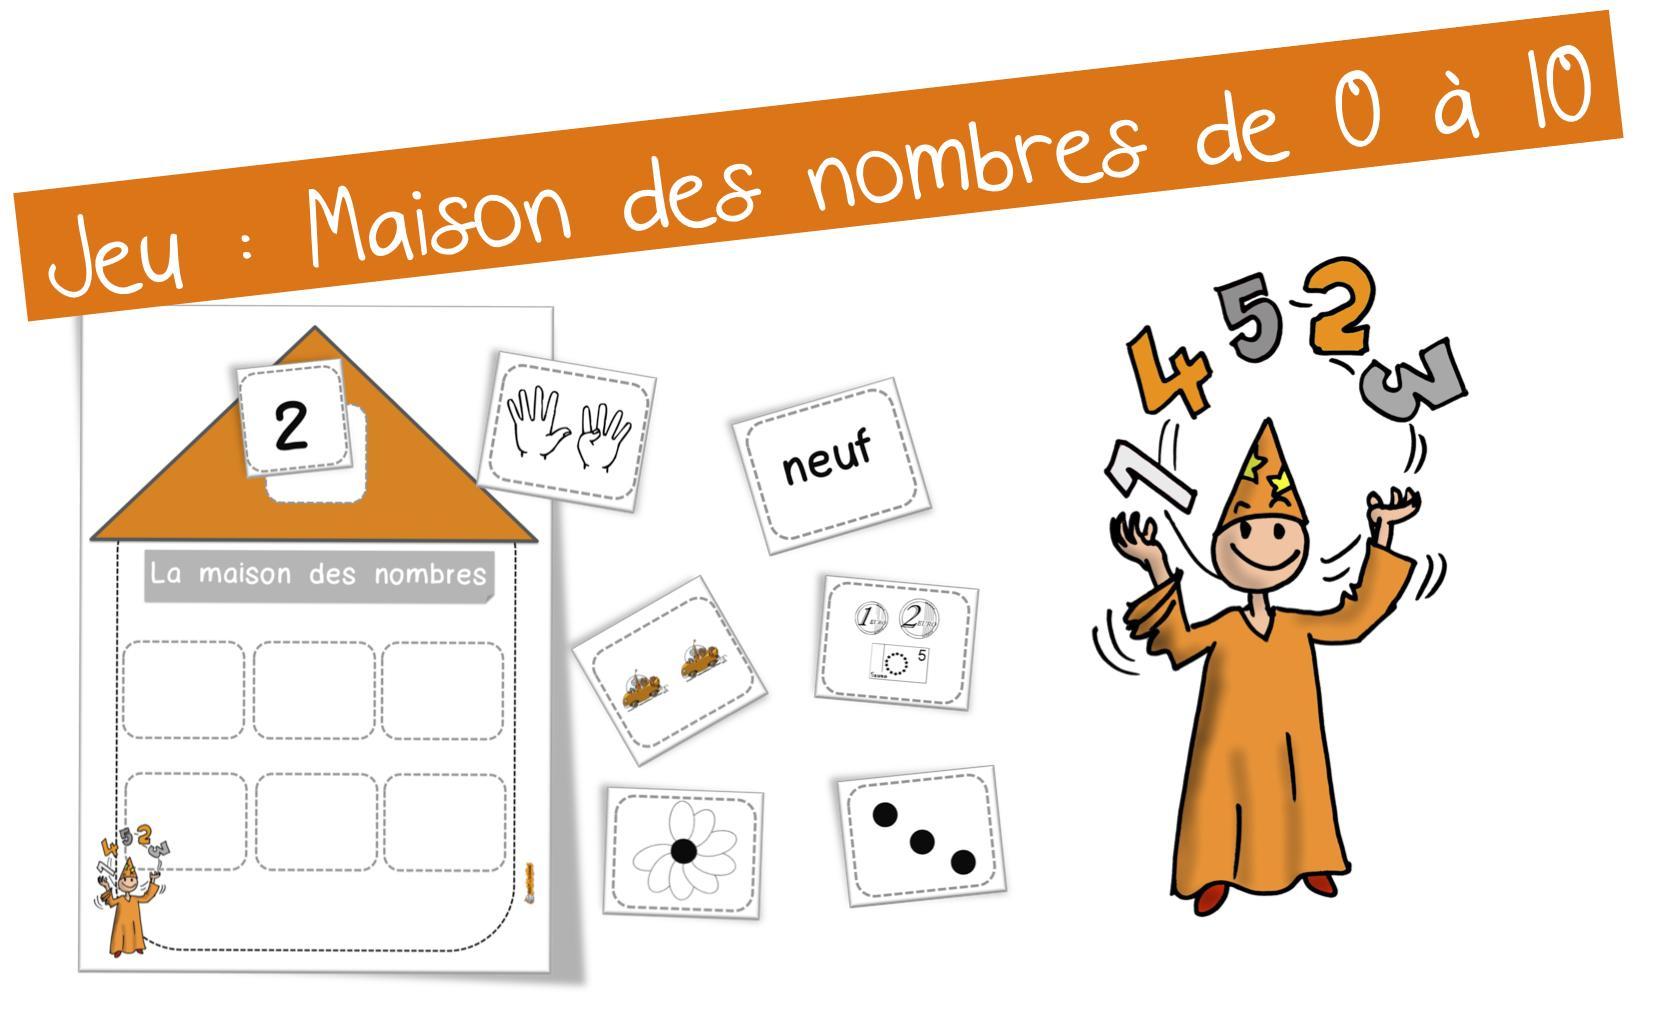 Jeu de maison construire gallery of construire une maison ossature mtallique with jeu de maison - Jeu de maison a construire ...